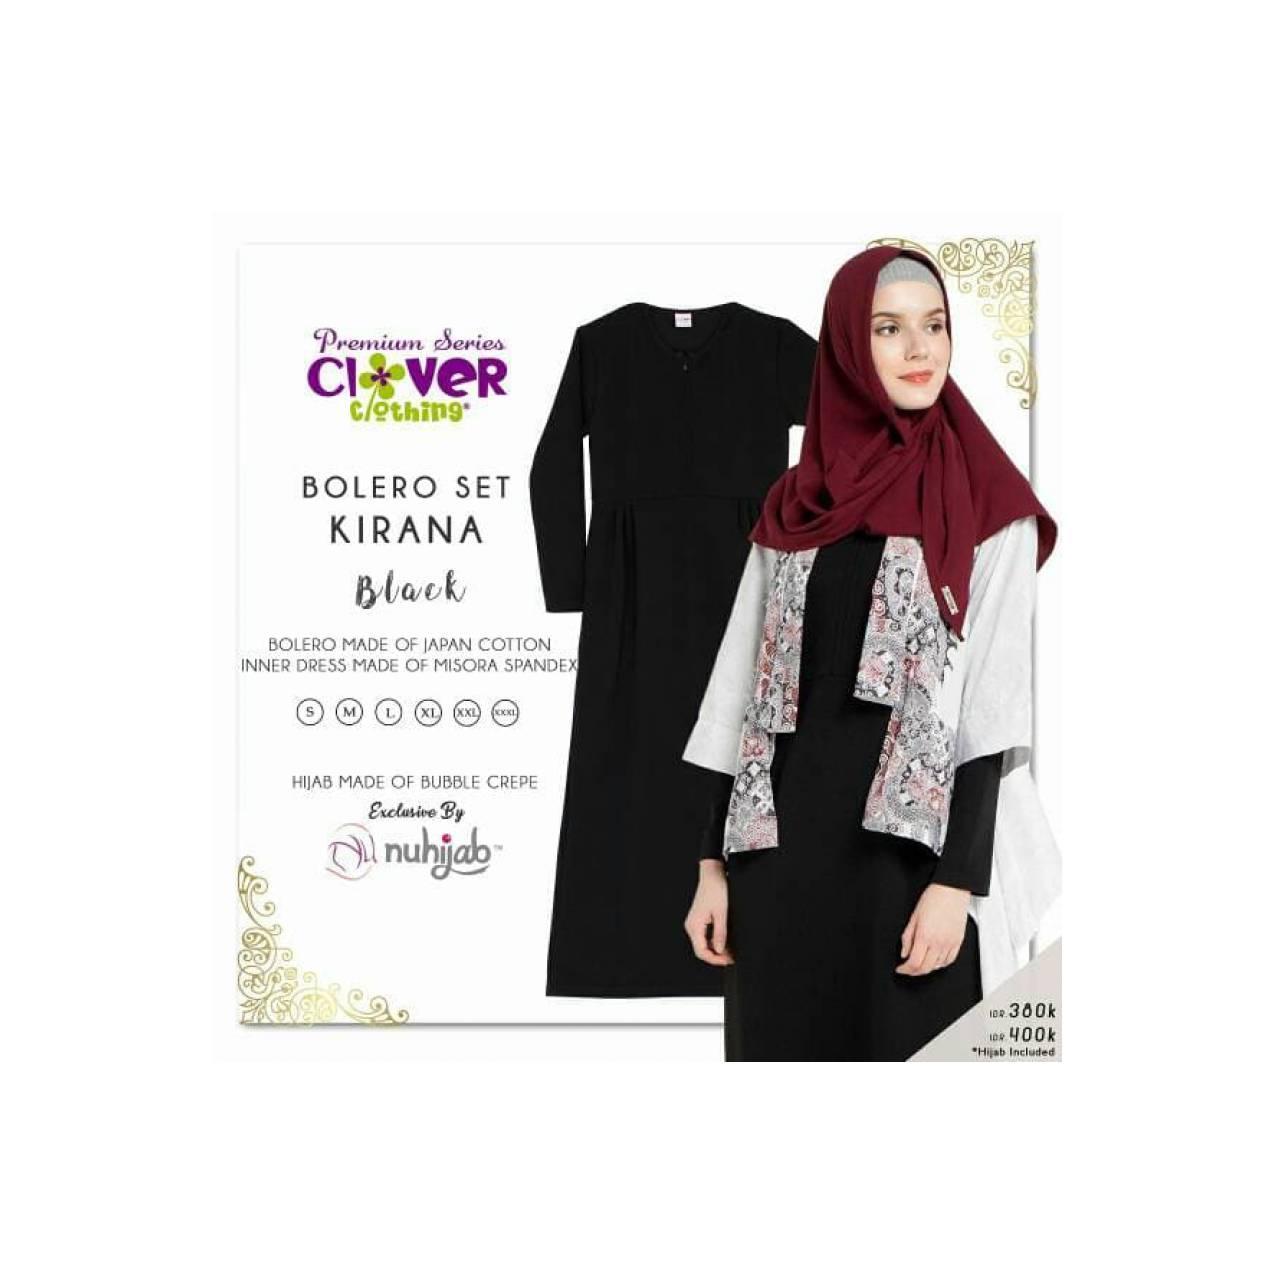 Gamis Dewasa Bolero Set KIRANA Batik by Clover Clothing Bahan Spandek